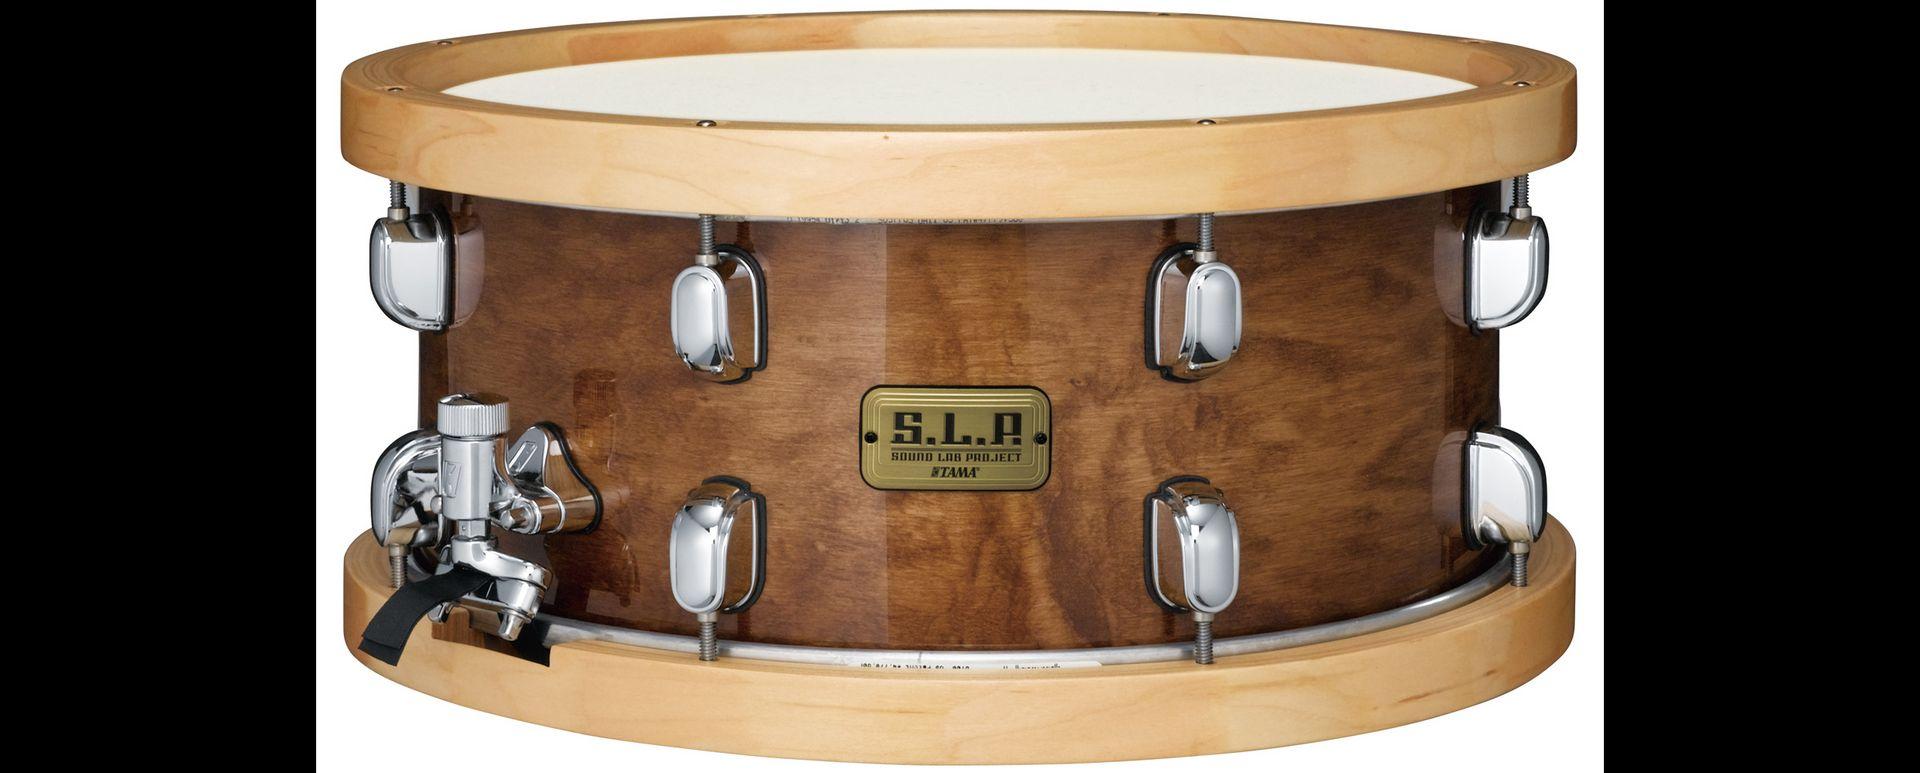 Tama S.L.P. Snare  LMP1465F-SEN Studio Maple